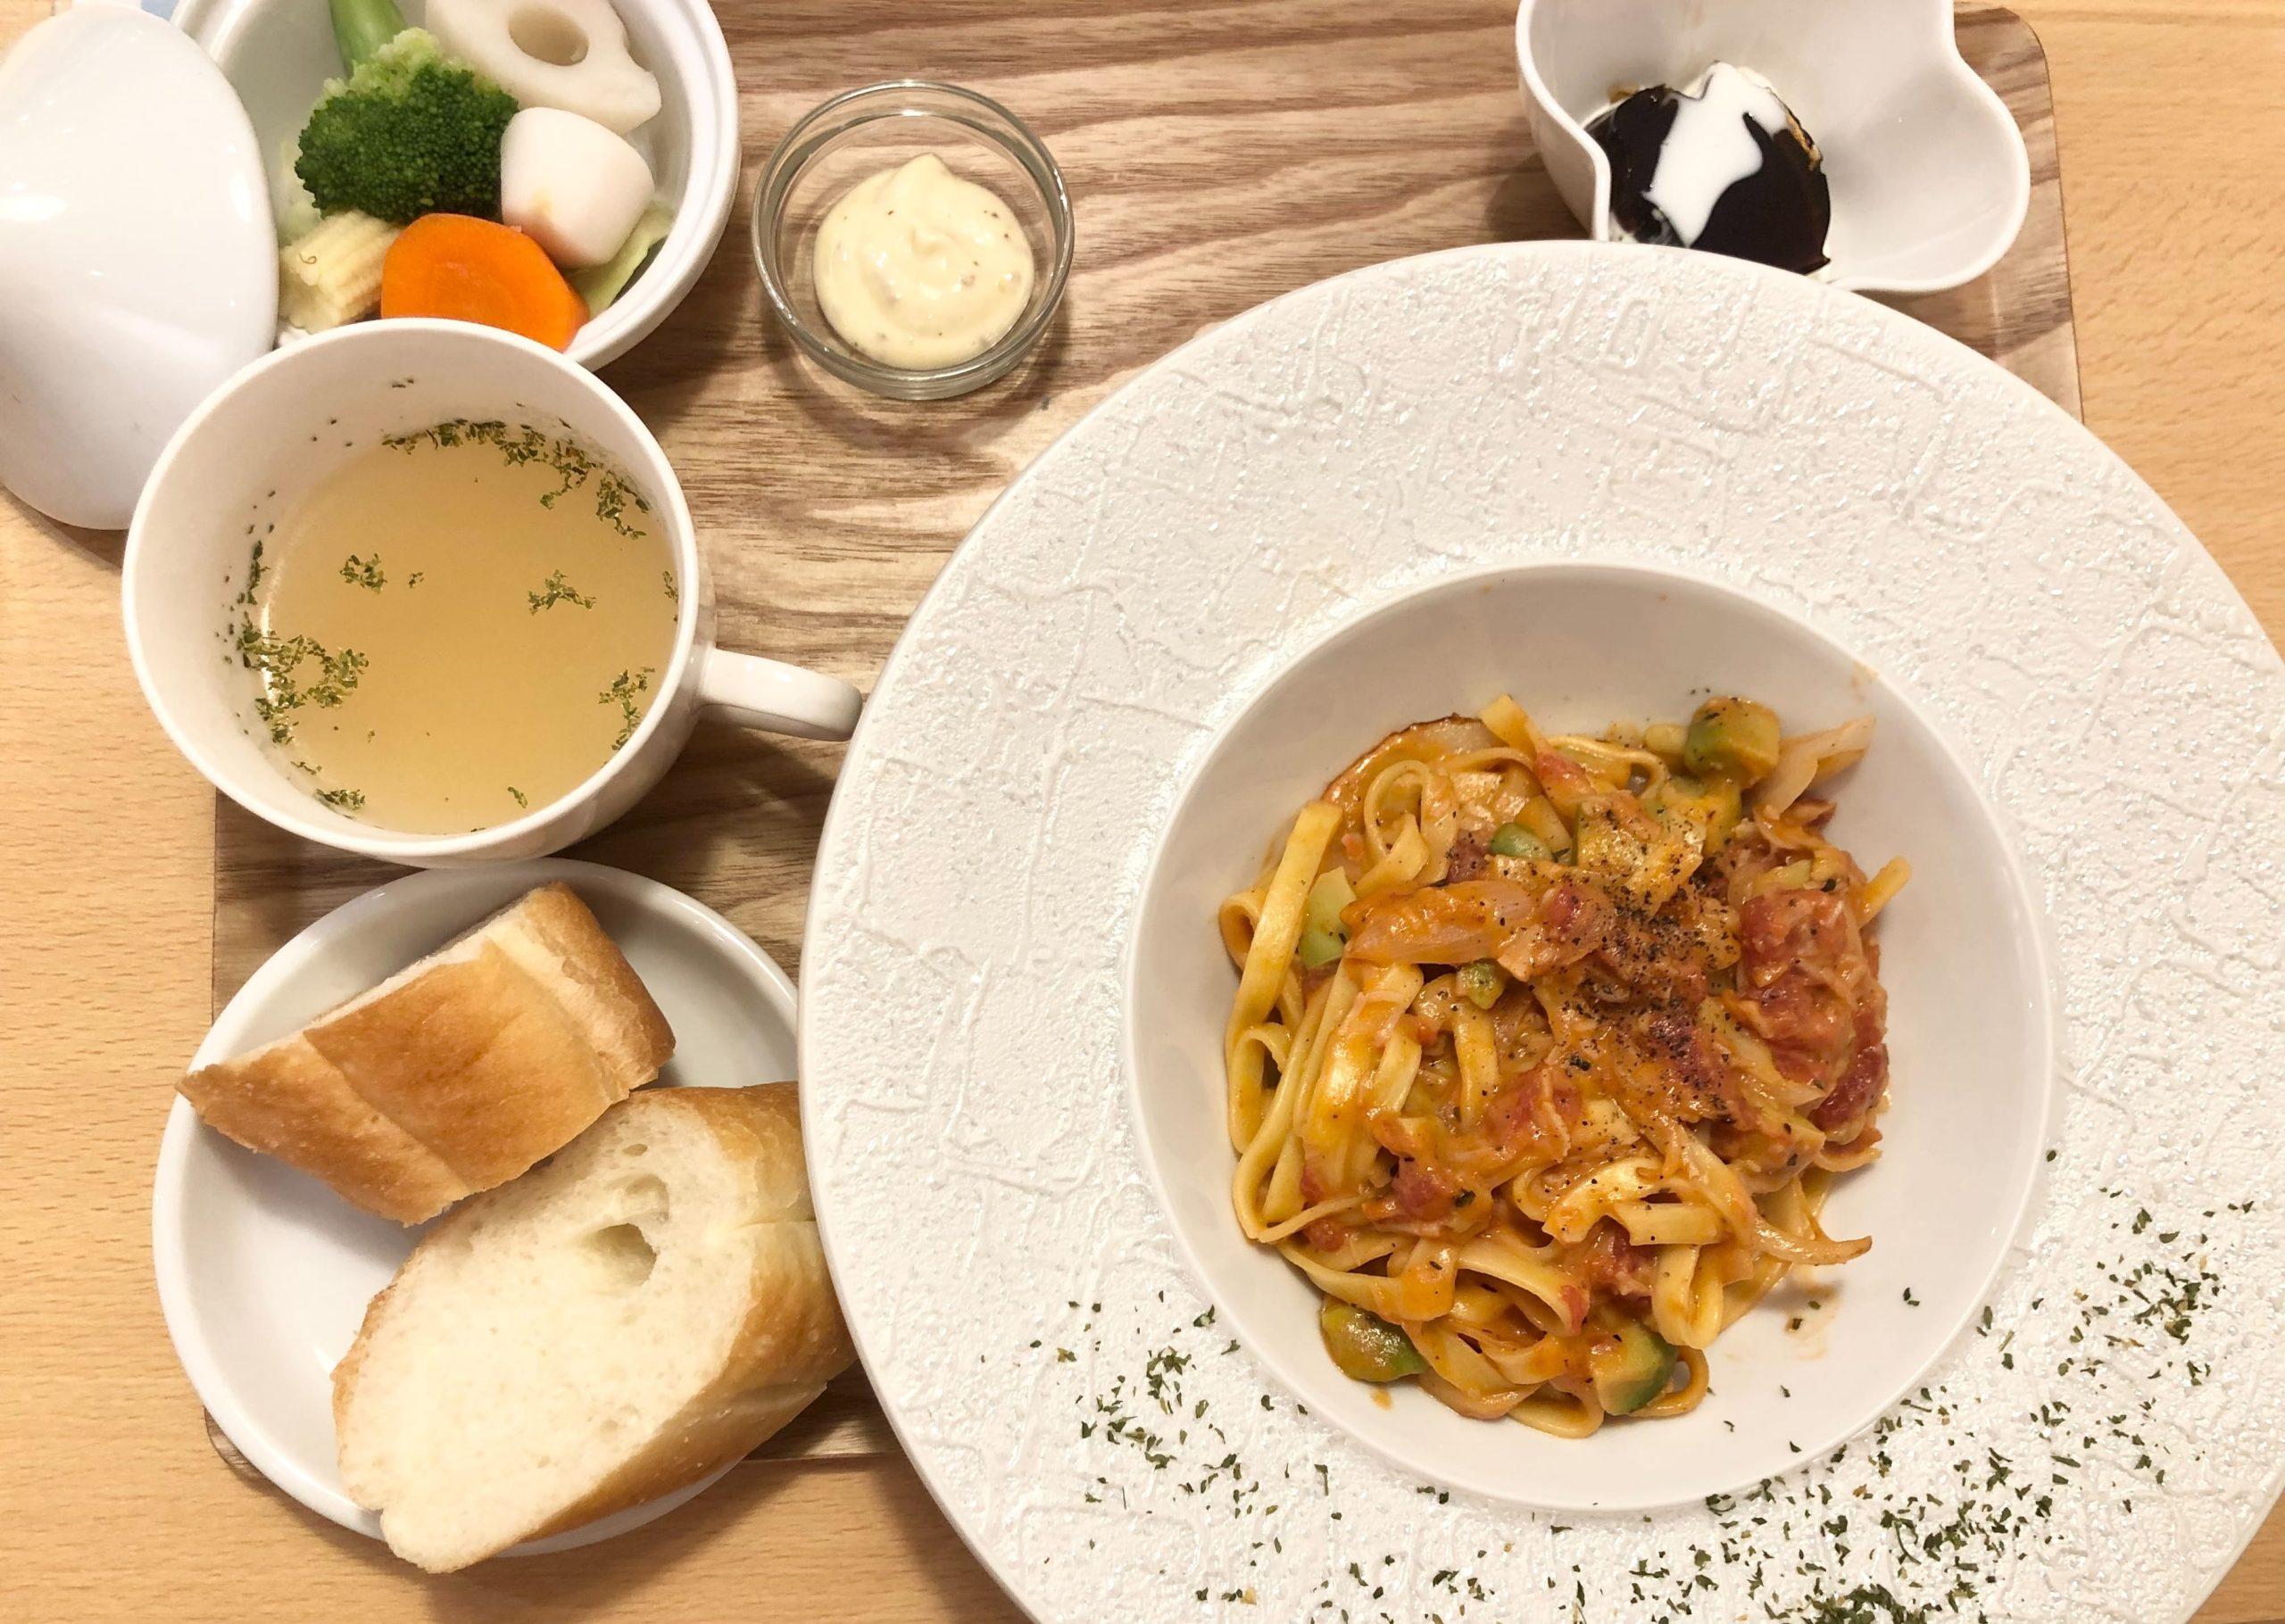 清水|もちもち食感の生パスタが美味しい♪ランチメニューが豊富なパスタが美味しいカフェ